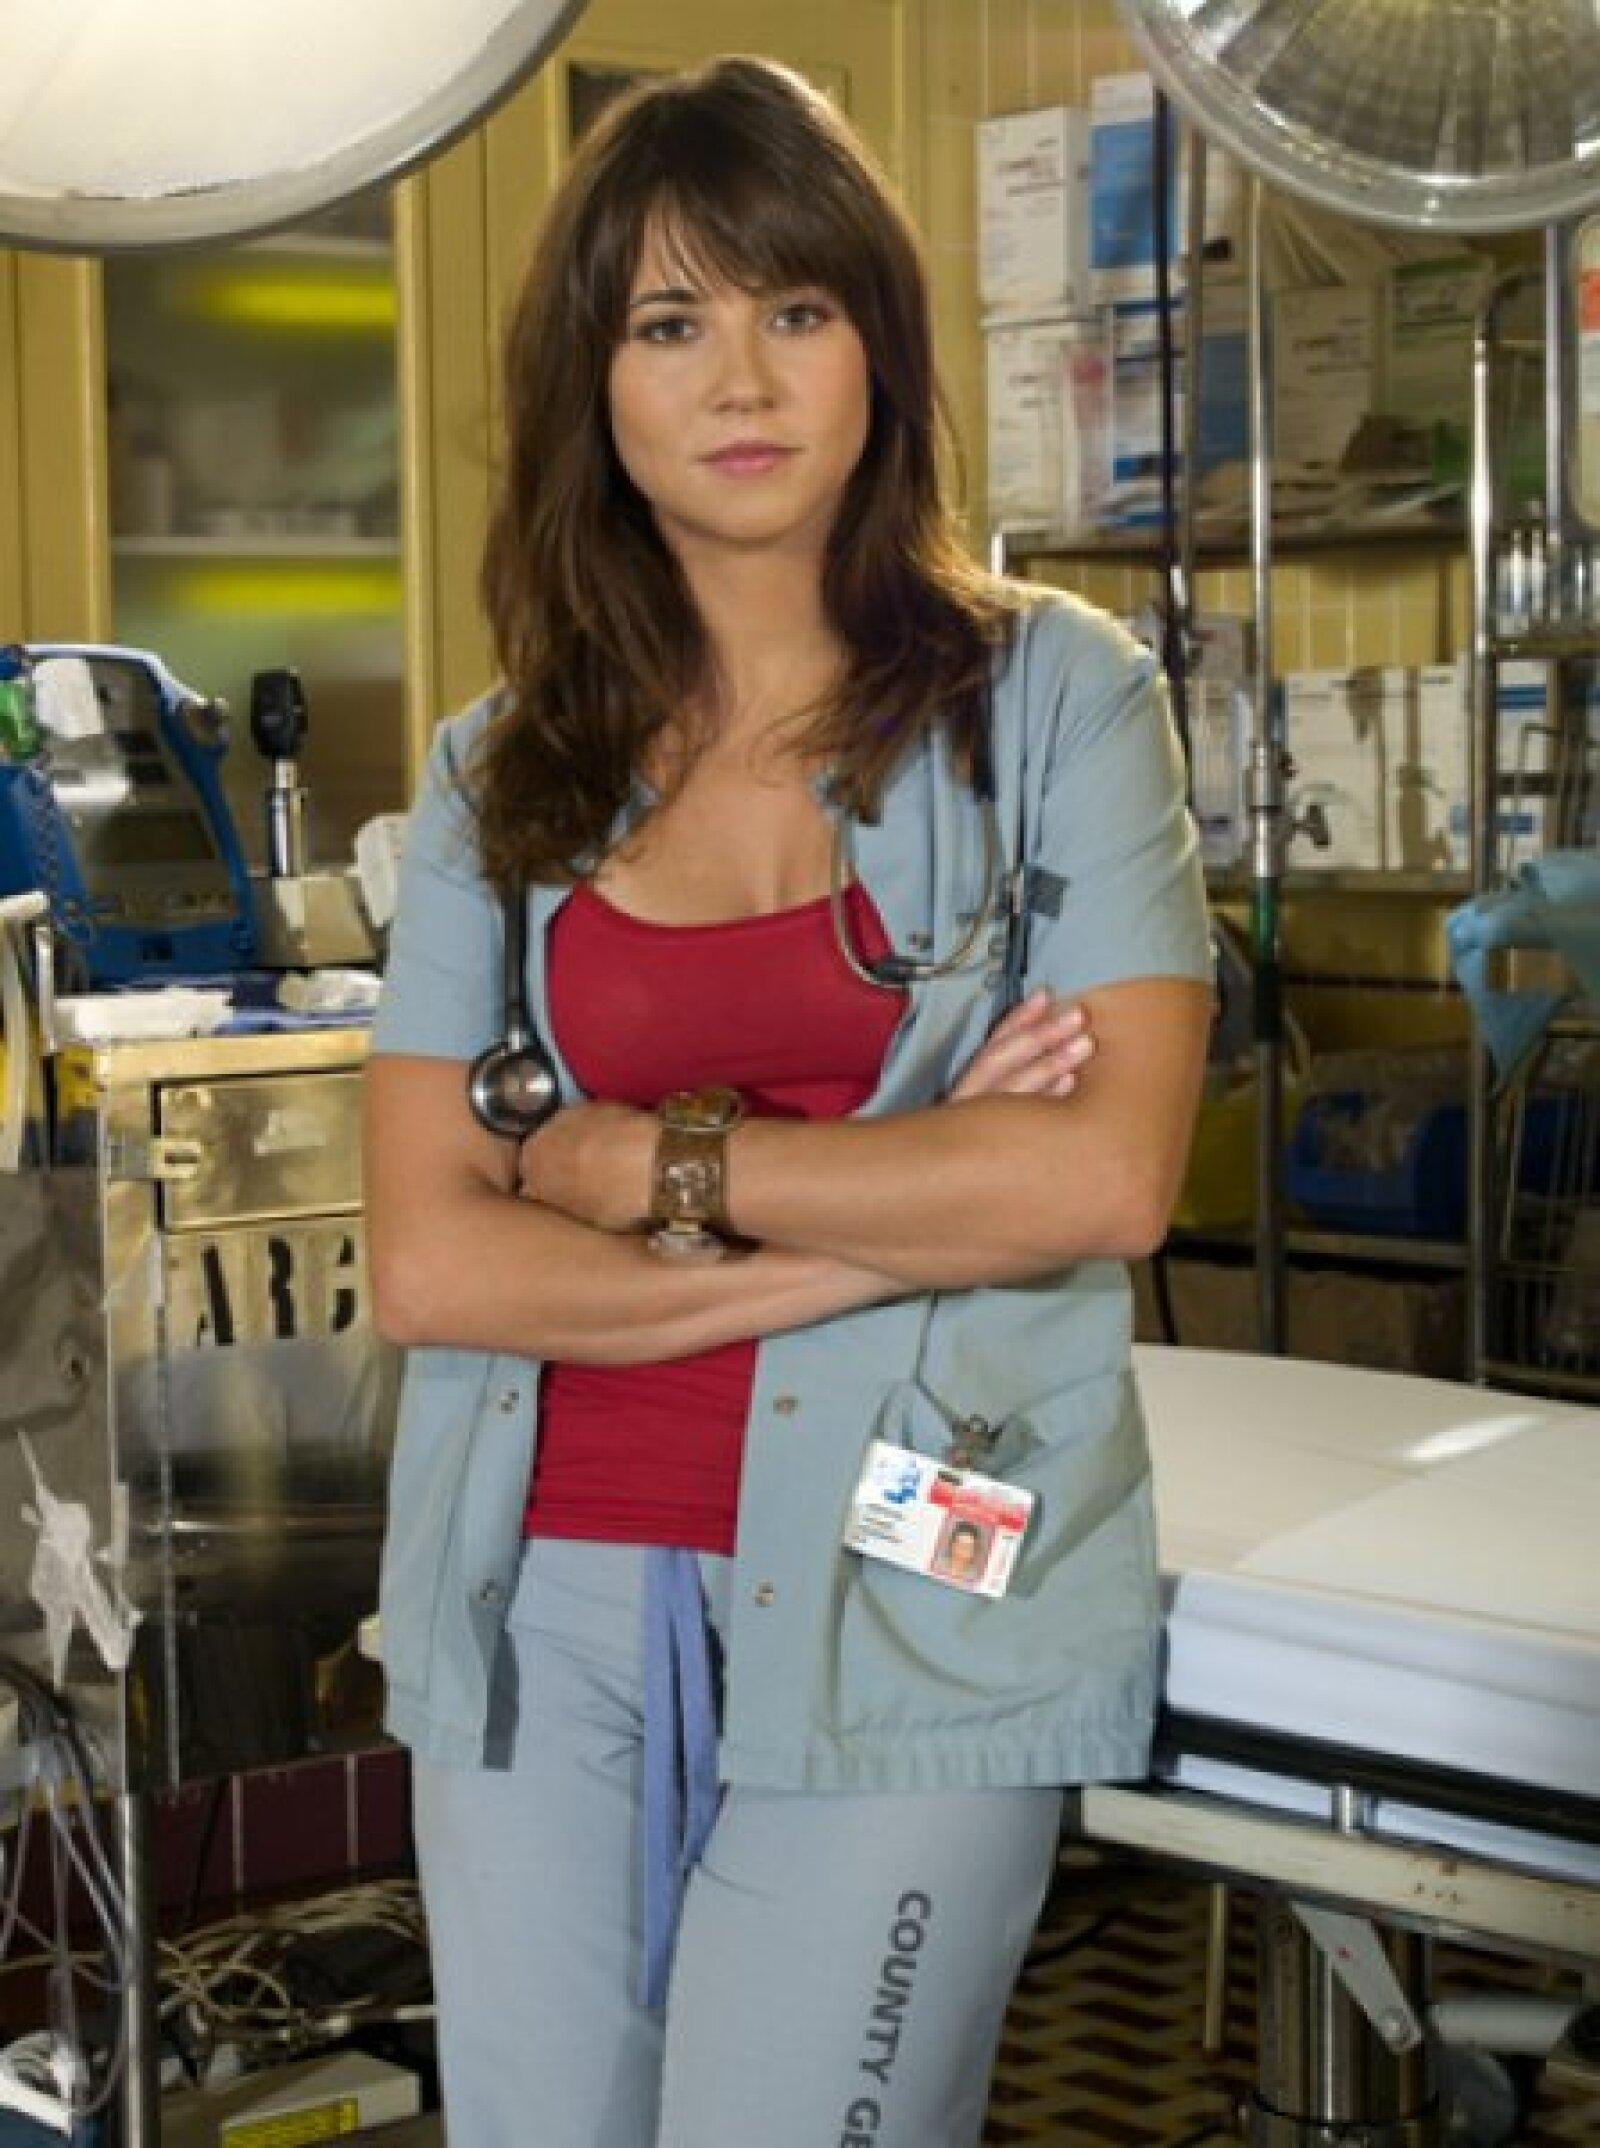 La actriz Linda Cadinelli interpretó a la enfermera Samantha Taggart durante 126 episodios en la serie, de 2003 a 2009.